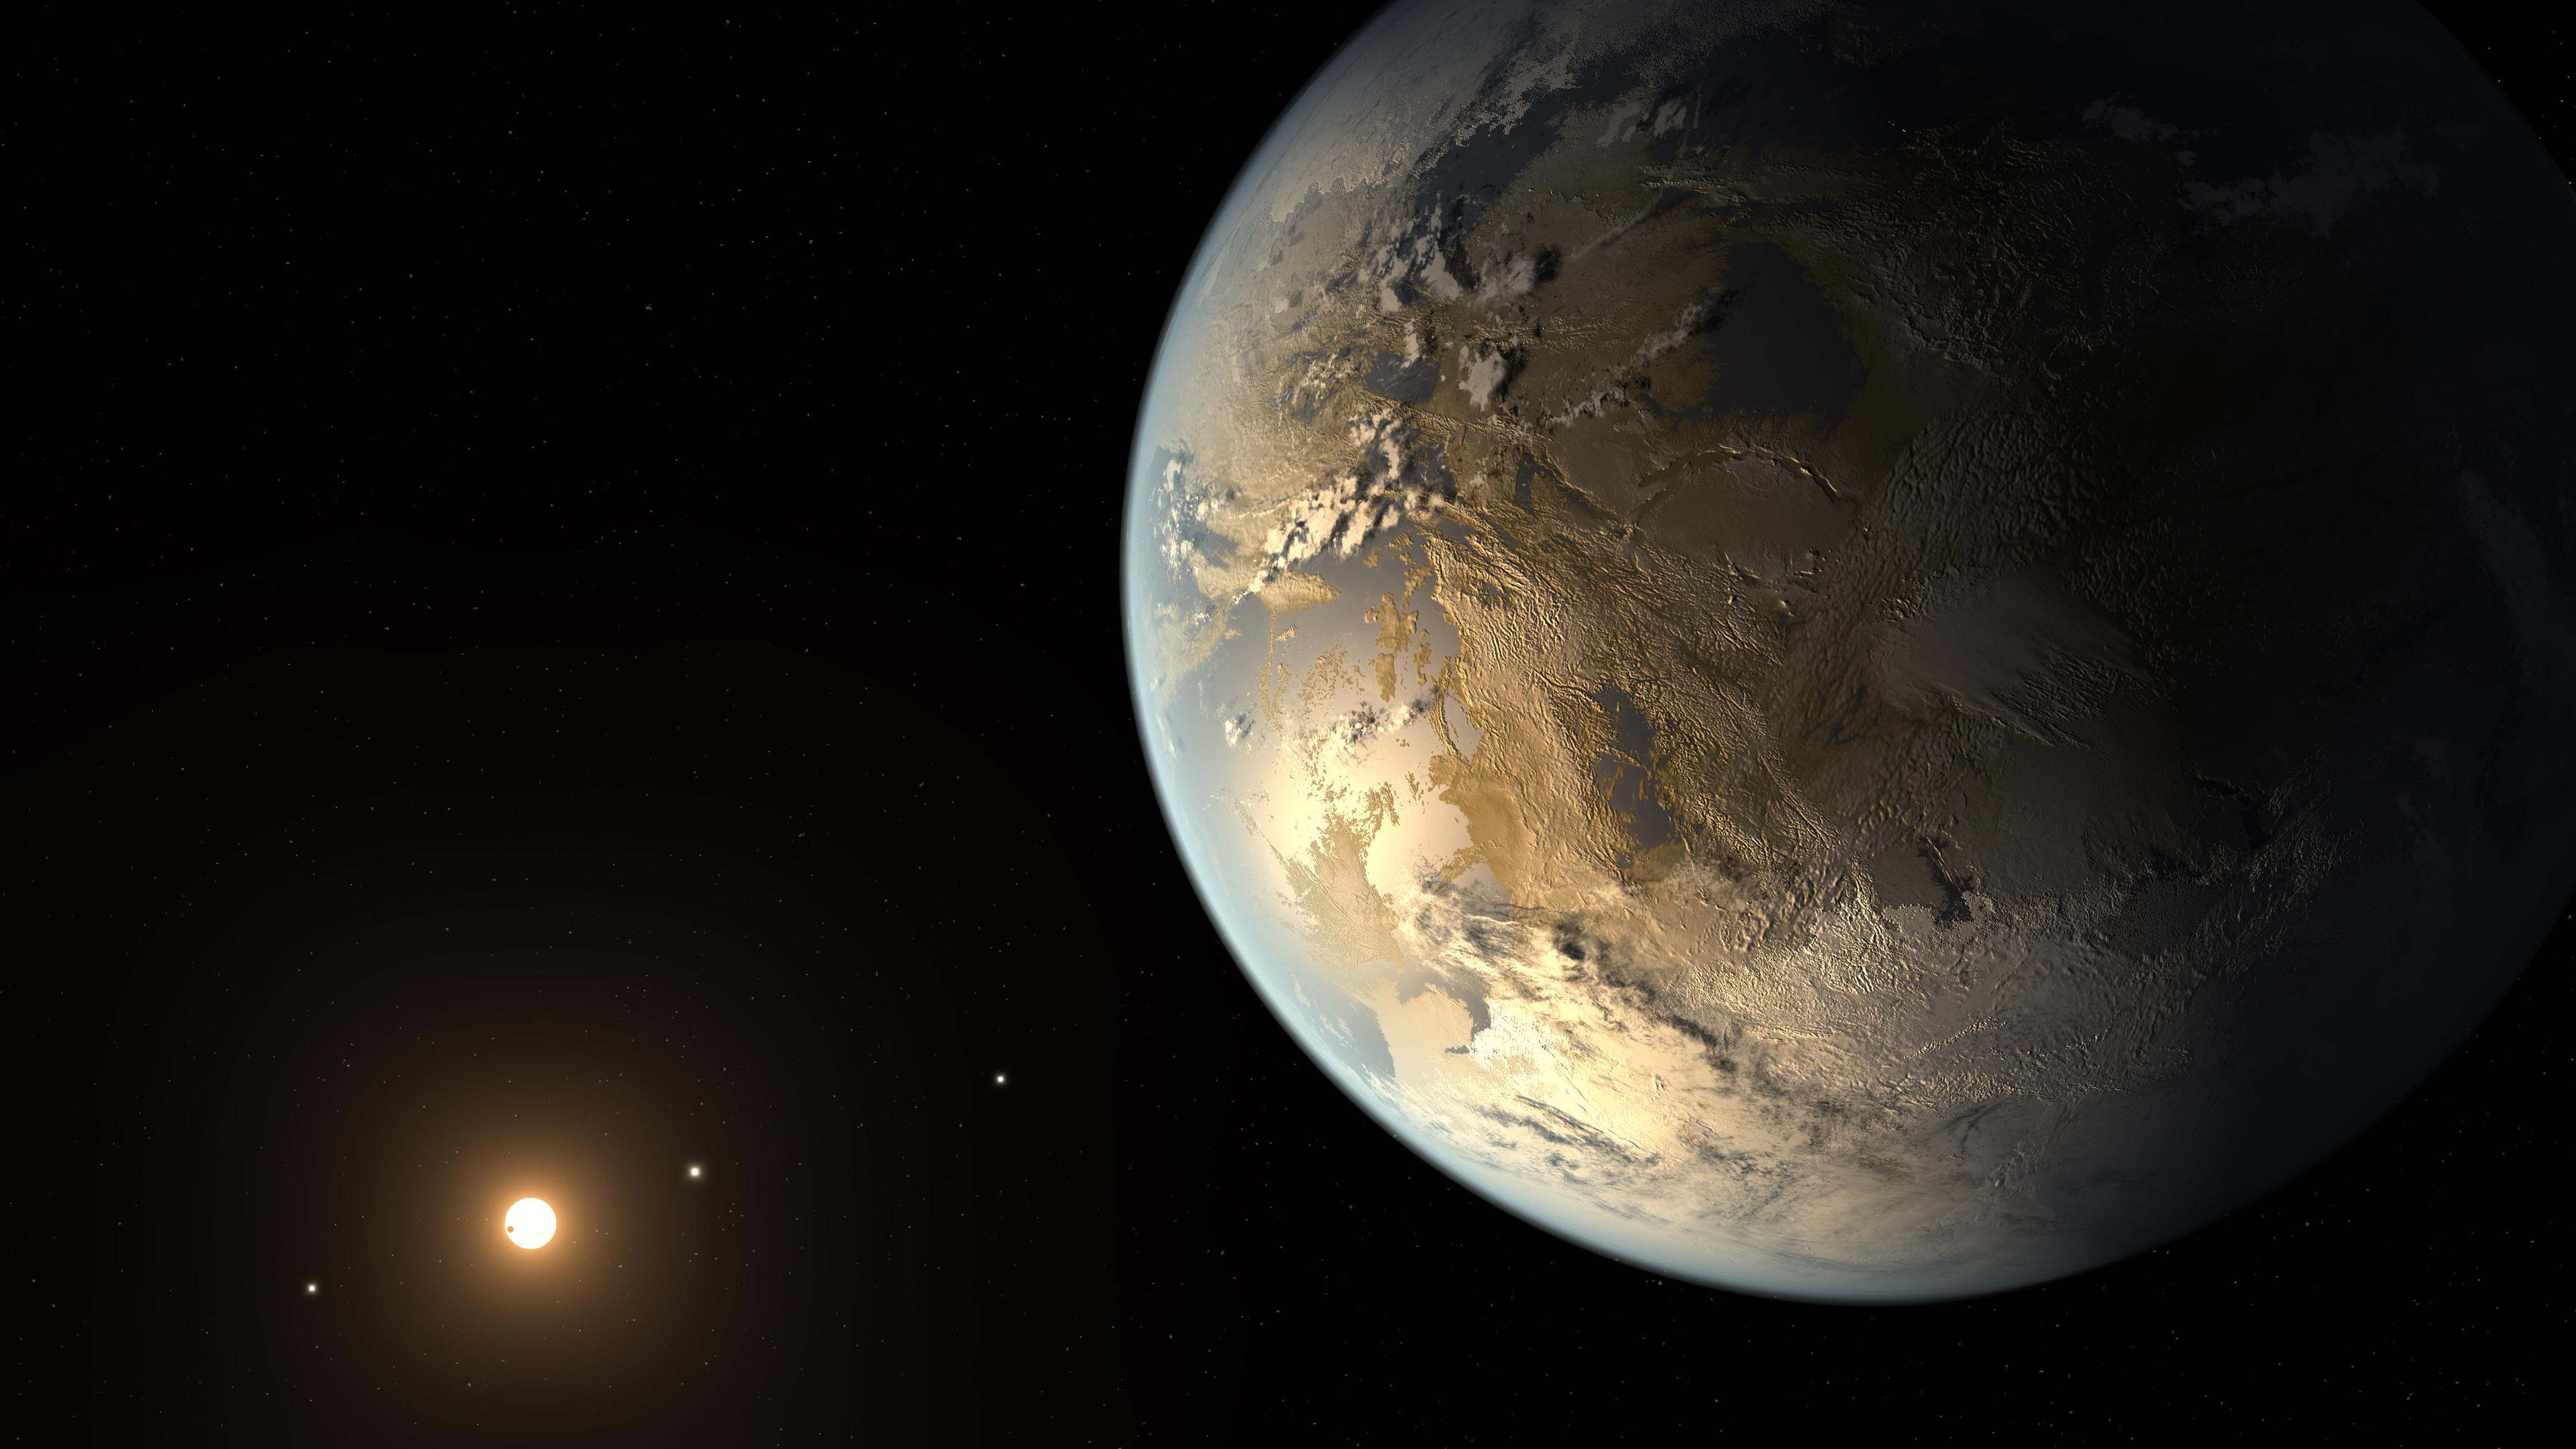 Le débat sur l'exoplanète JC-33 oppose les membres de l'ONU | 17/08/2065